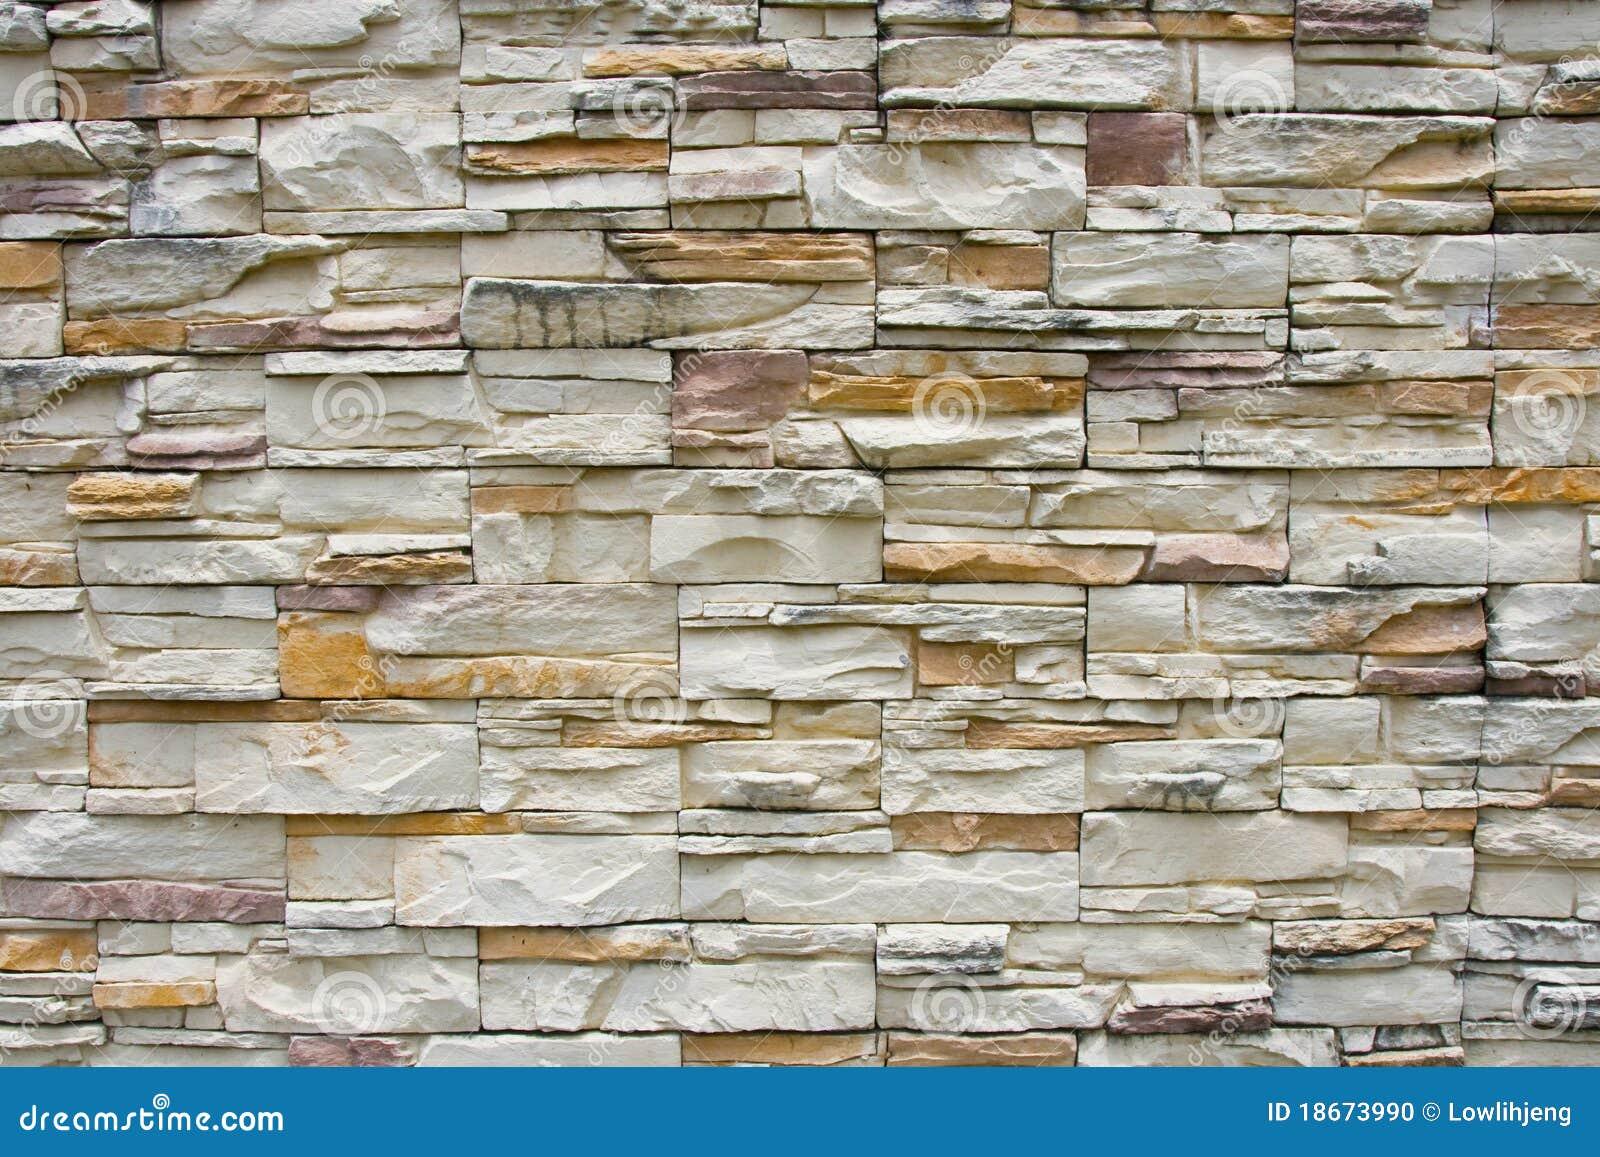 Revestimiento de la pared de piedra foto de archivo imagen 18673990 - Revestimientos de paredes imitacion piedra ...